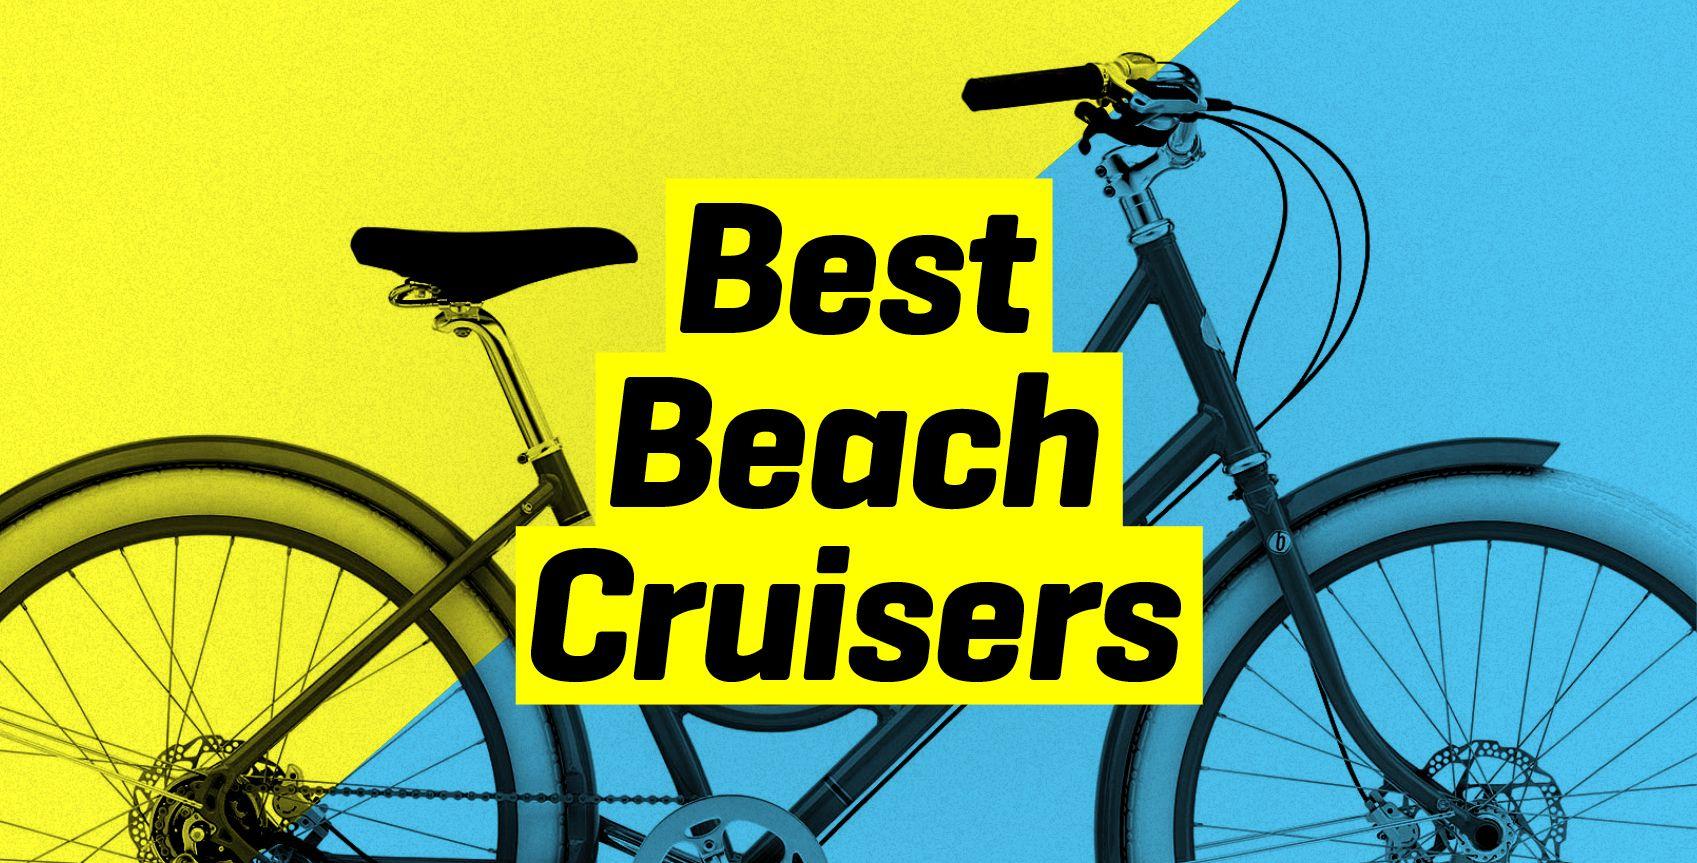 4d3baf51605 Best Beach Cruisers 2019 | Cruiser Bikes for the Beach